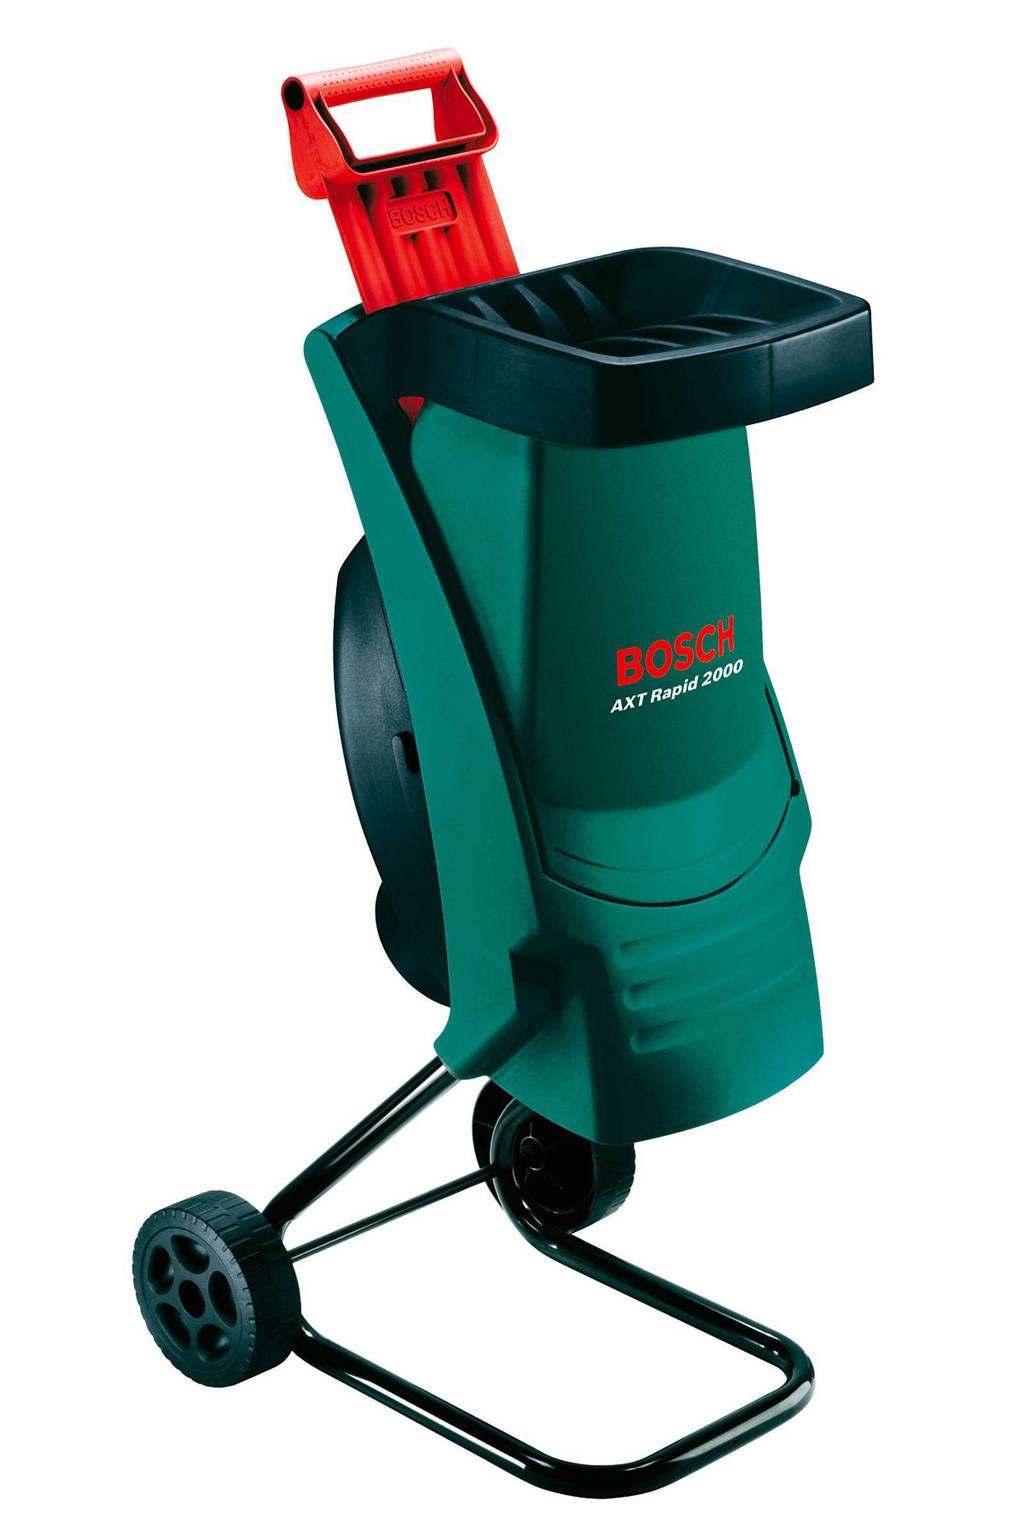 Bosch AXT Rapid 2000 hakselaar